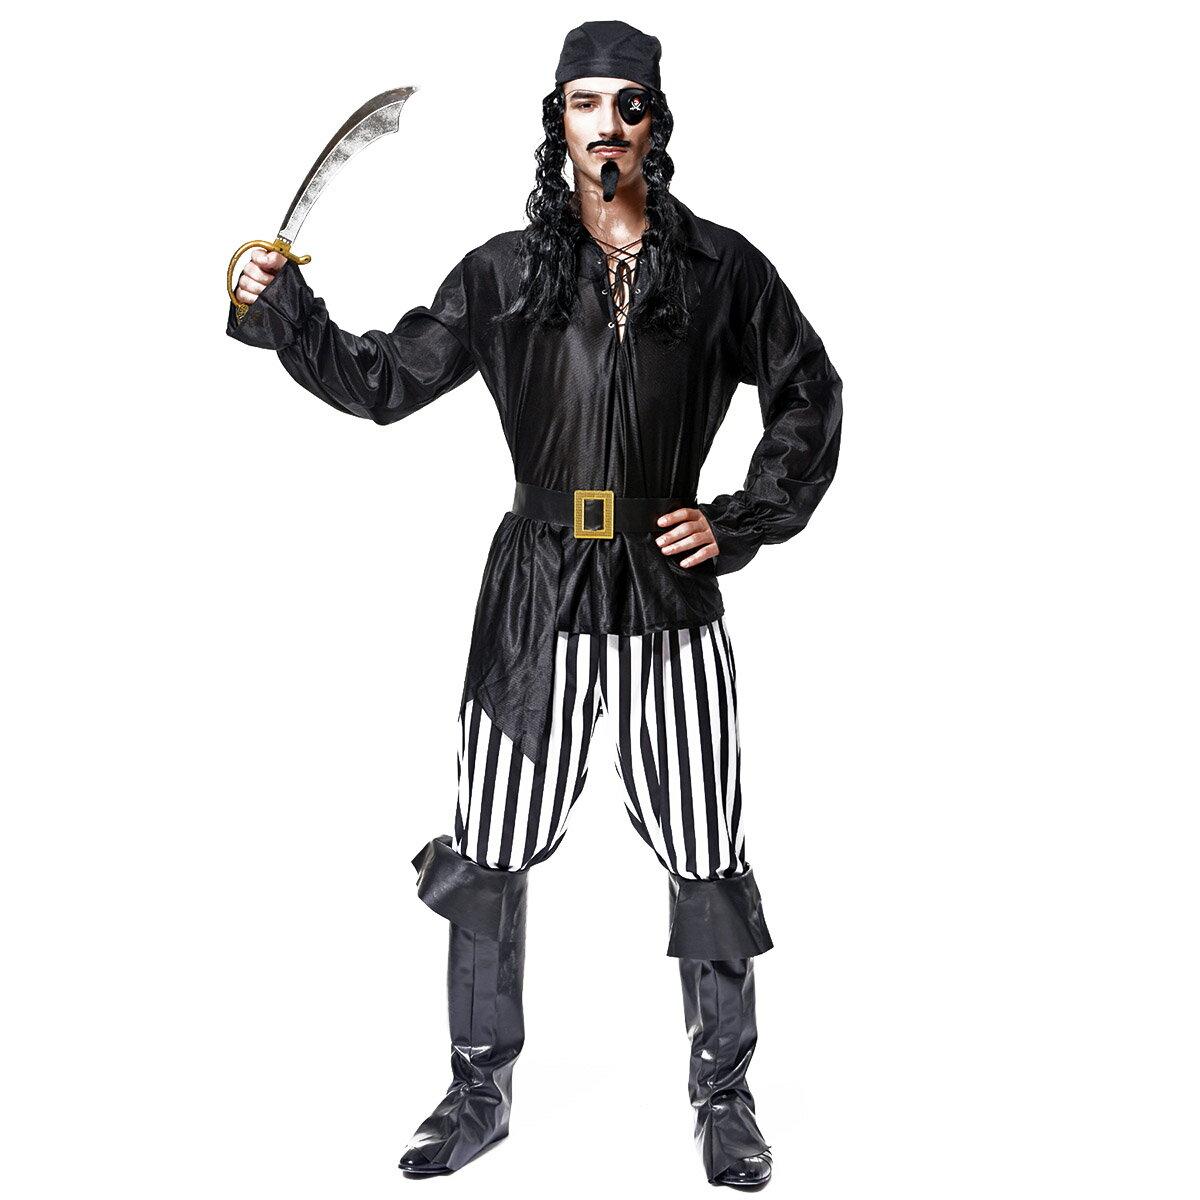 Veroman メンズ 海賊 パイレーツ コスプレ ハロウィン 衣装 仮装 (バンダナ、海賊服、ズボン、ブーツカバー、ベルト、眼帯の6点セット)